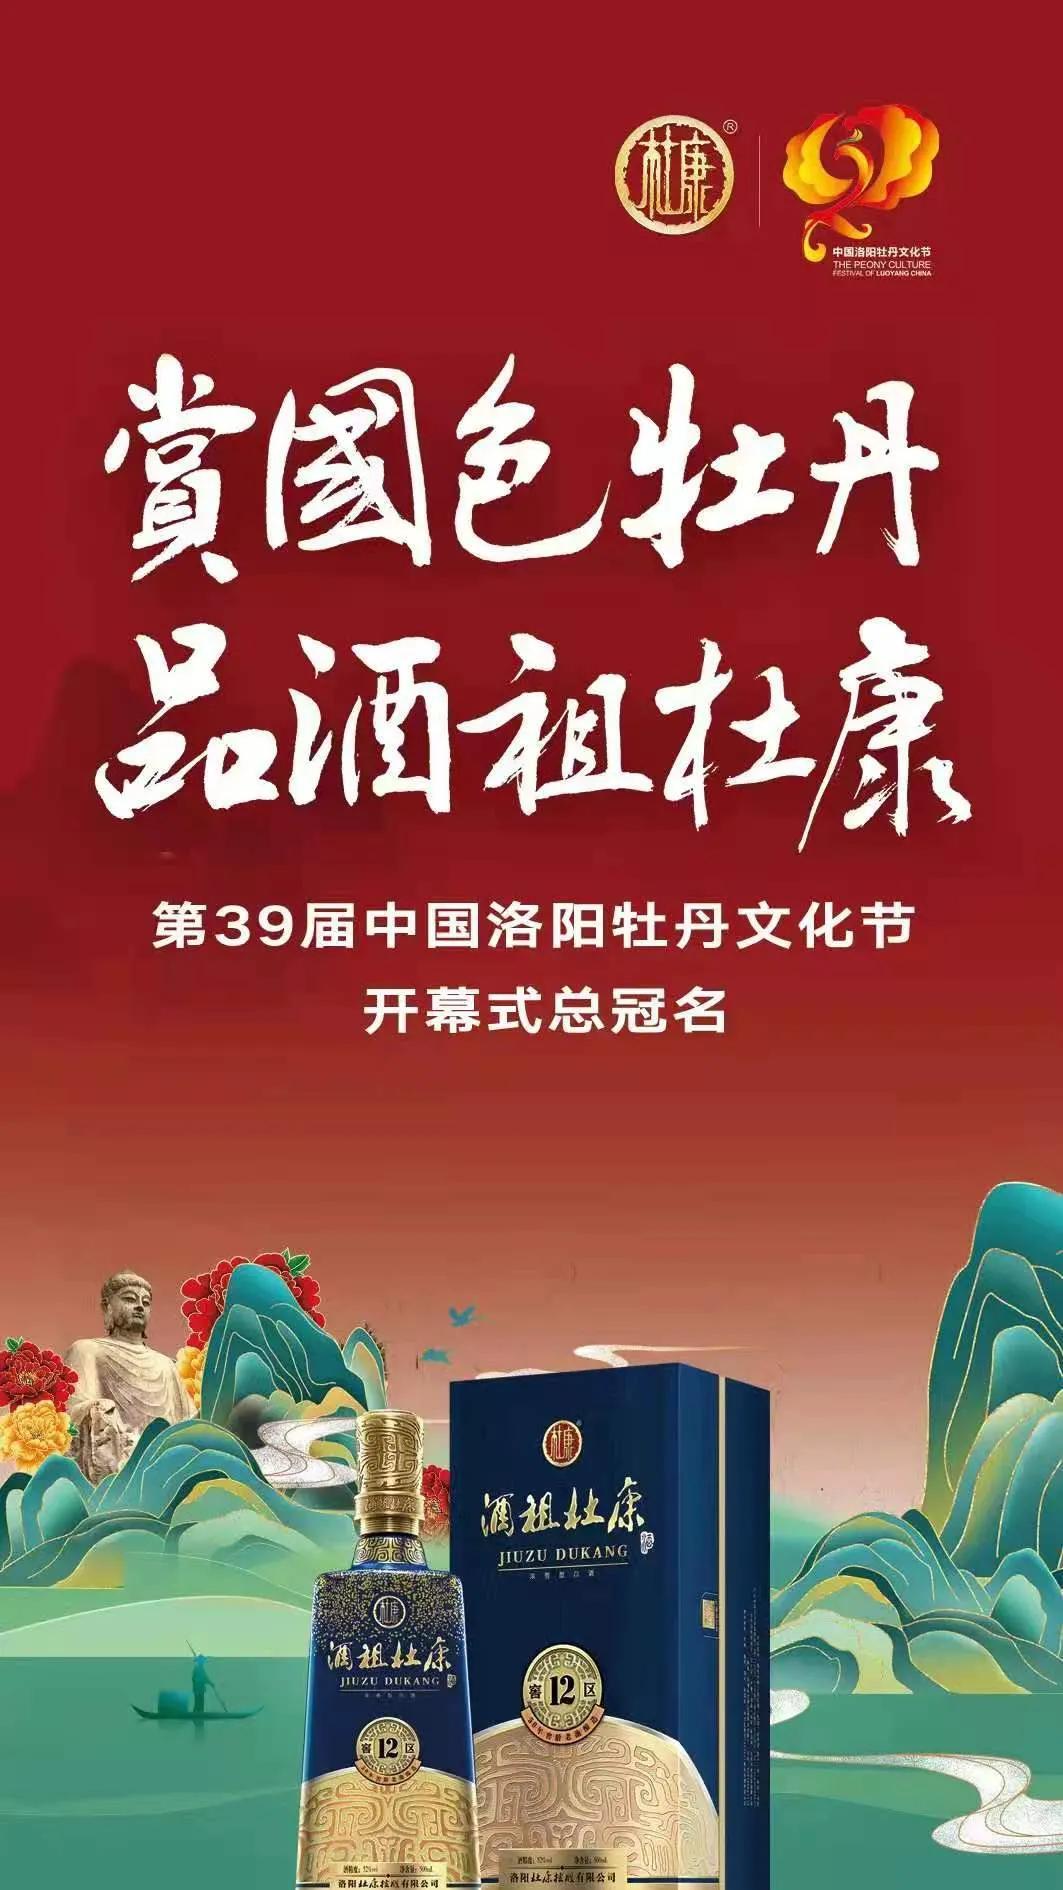 赋诗品酒赏牡丹|杜康之夜·第39届中国洛阳牡丹节即将启幕